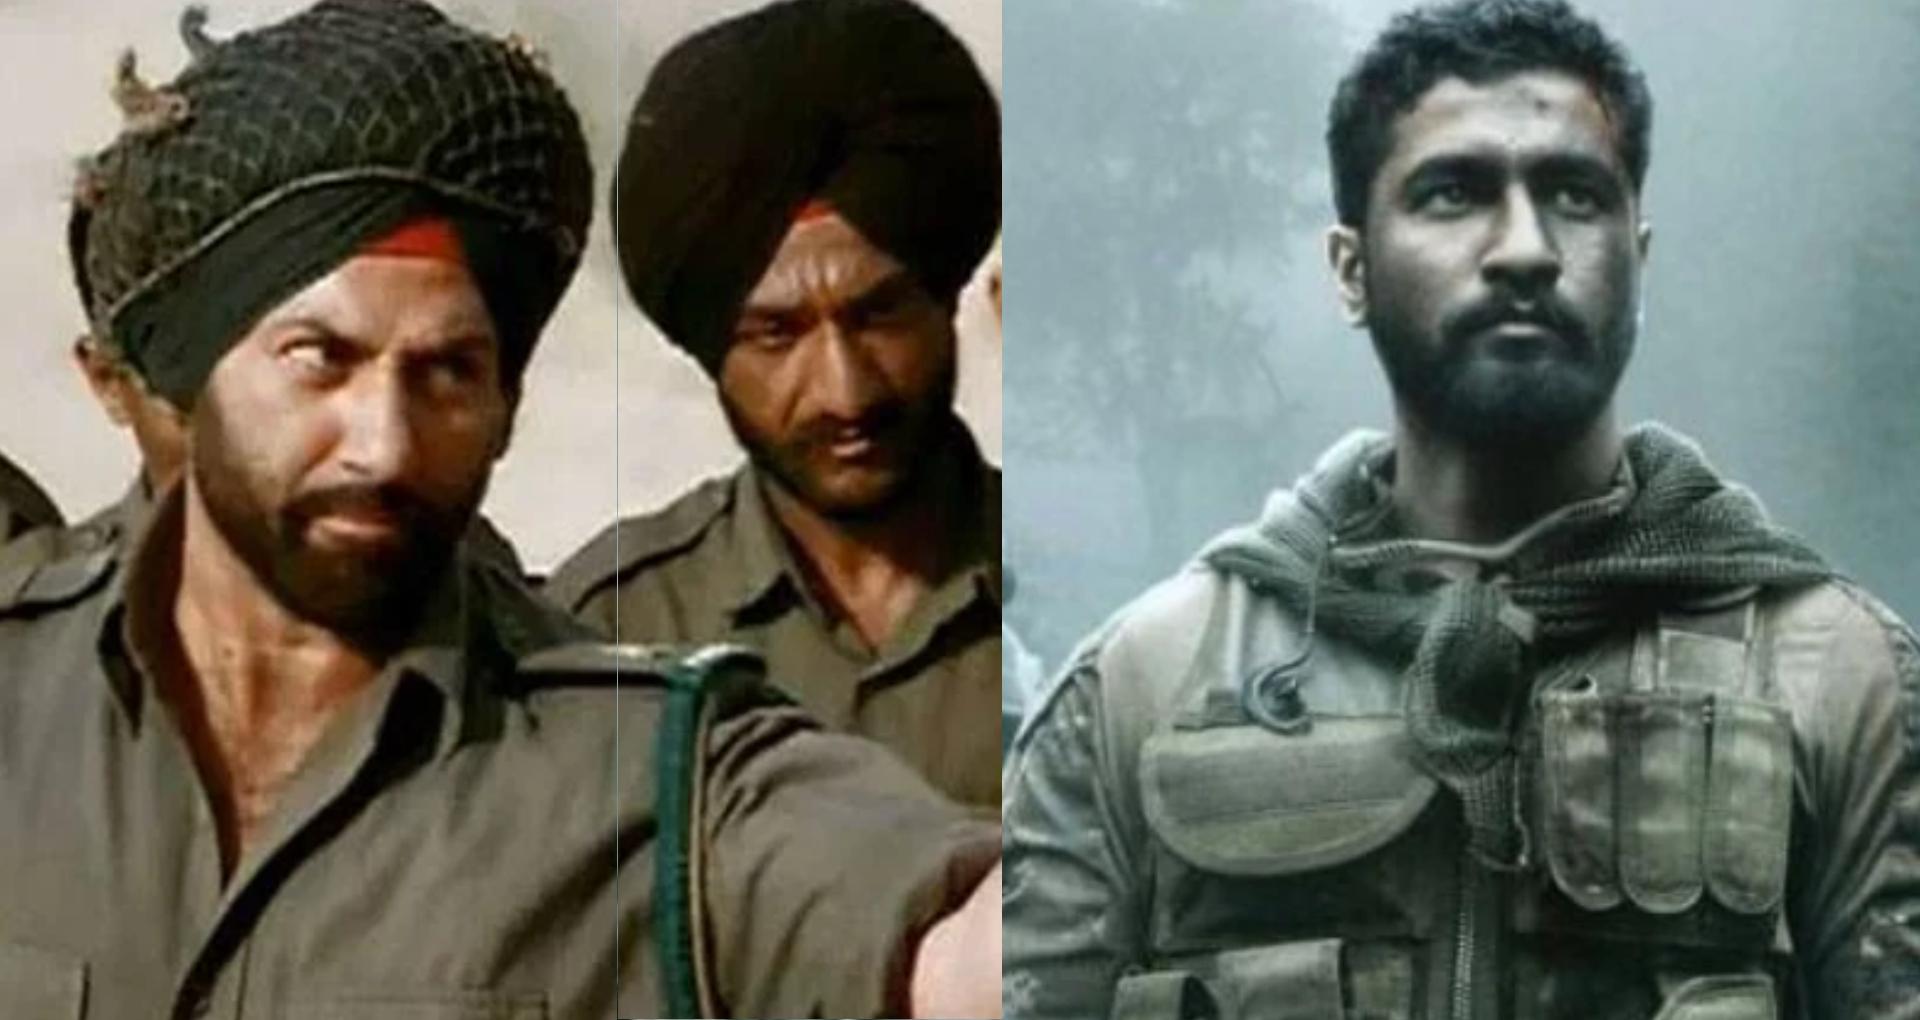 Independance Day 2019: 15 अगस्त हो या 26 जनवरी, बॉलीवुड की ये 8 फिल्में जरूर देखना चाहता है हर हिंदुस्तानी